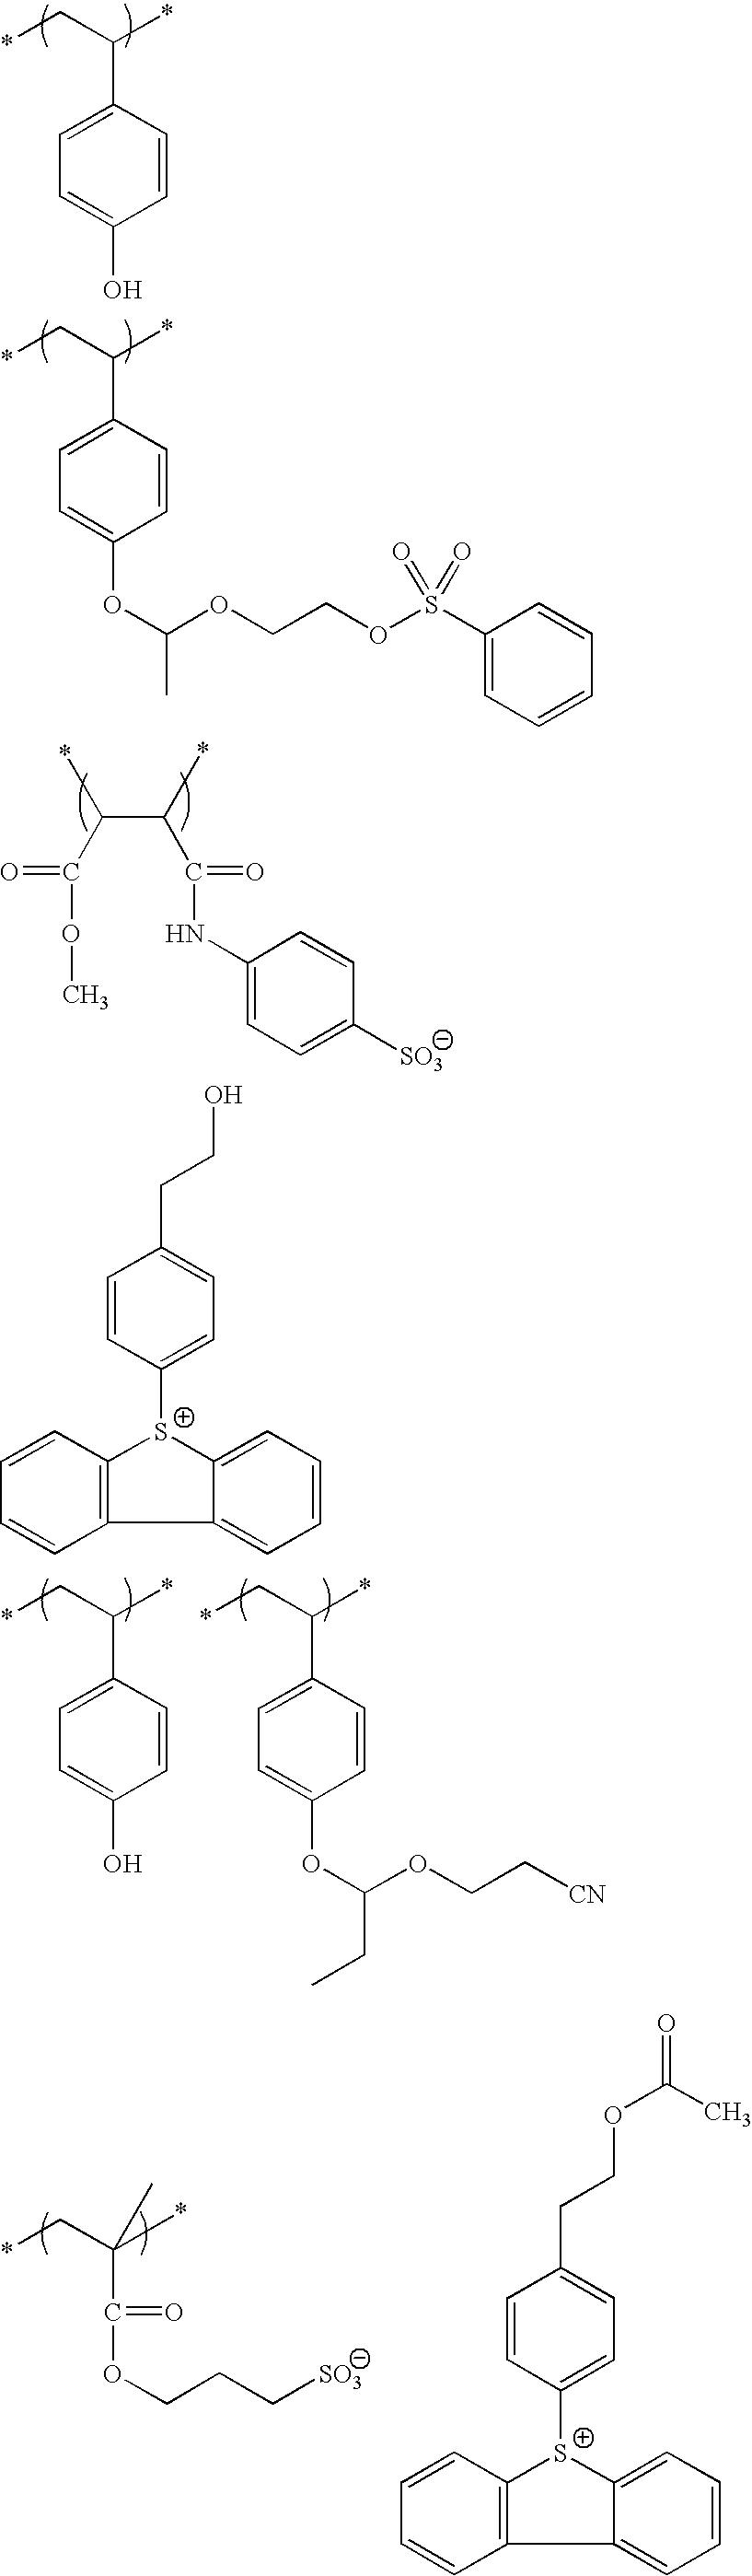 Figure US20100183975A1-20100722-C00178